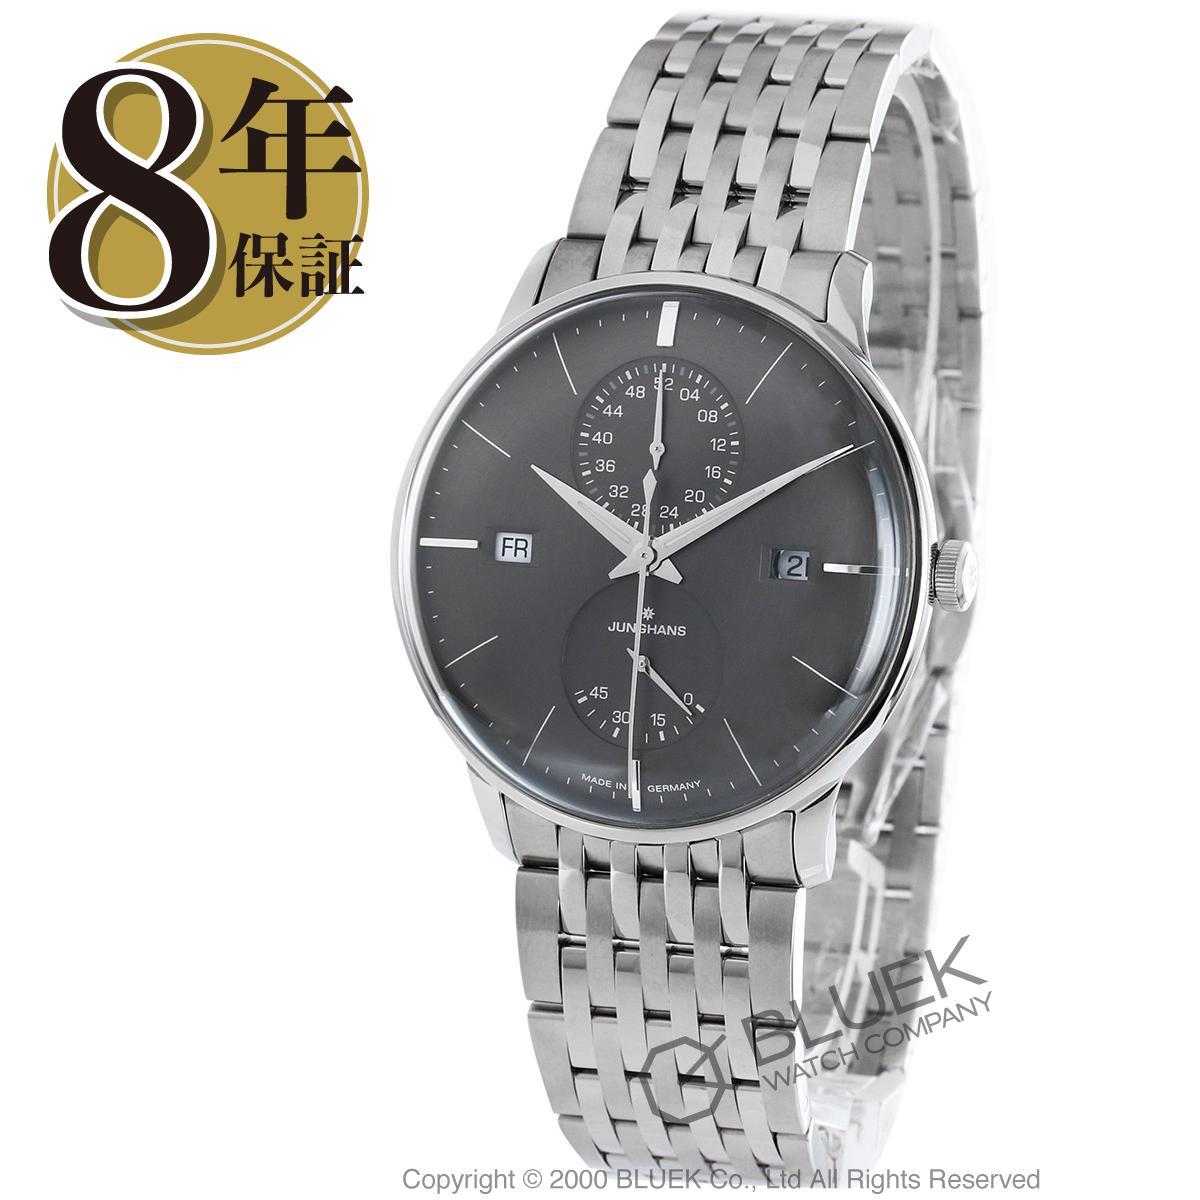 ユンハンス マイスター アジェンダ パワーリザーブ 腕時計 メンズ JUNGHANS 027/4568.45_8